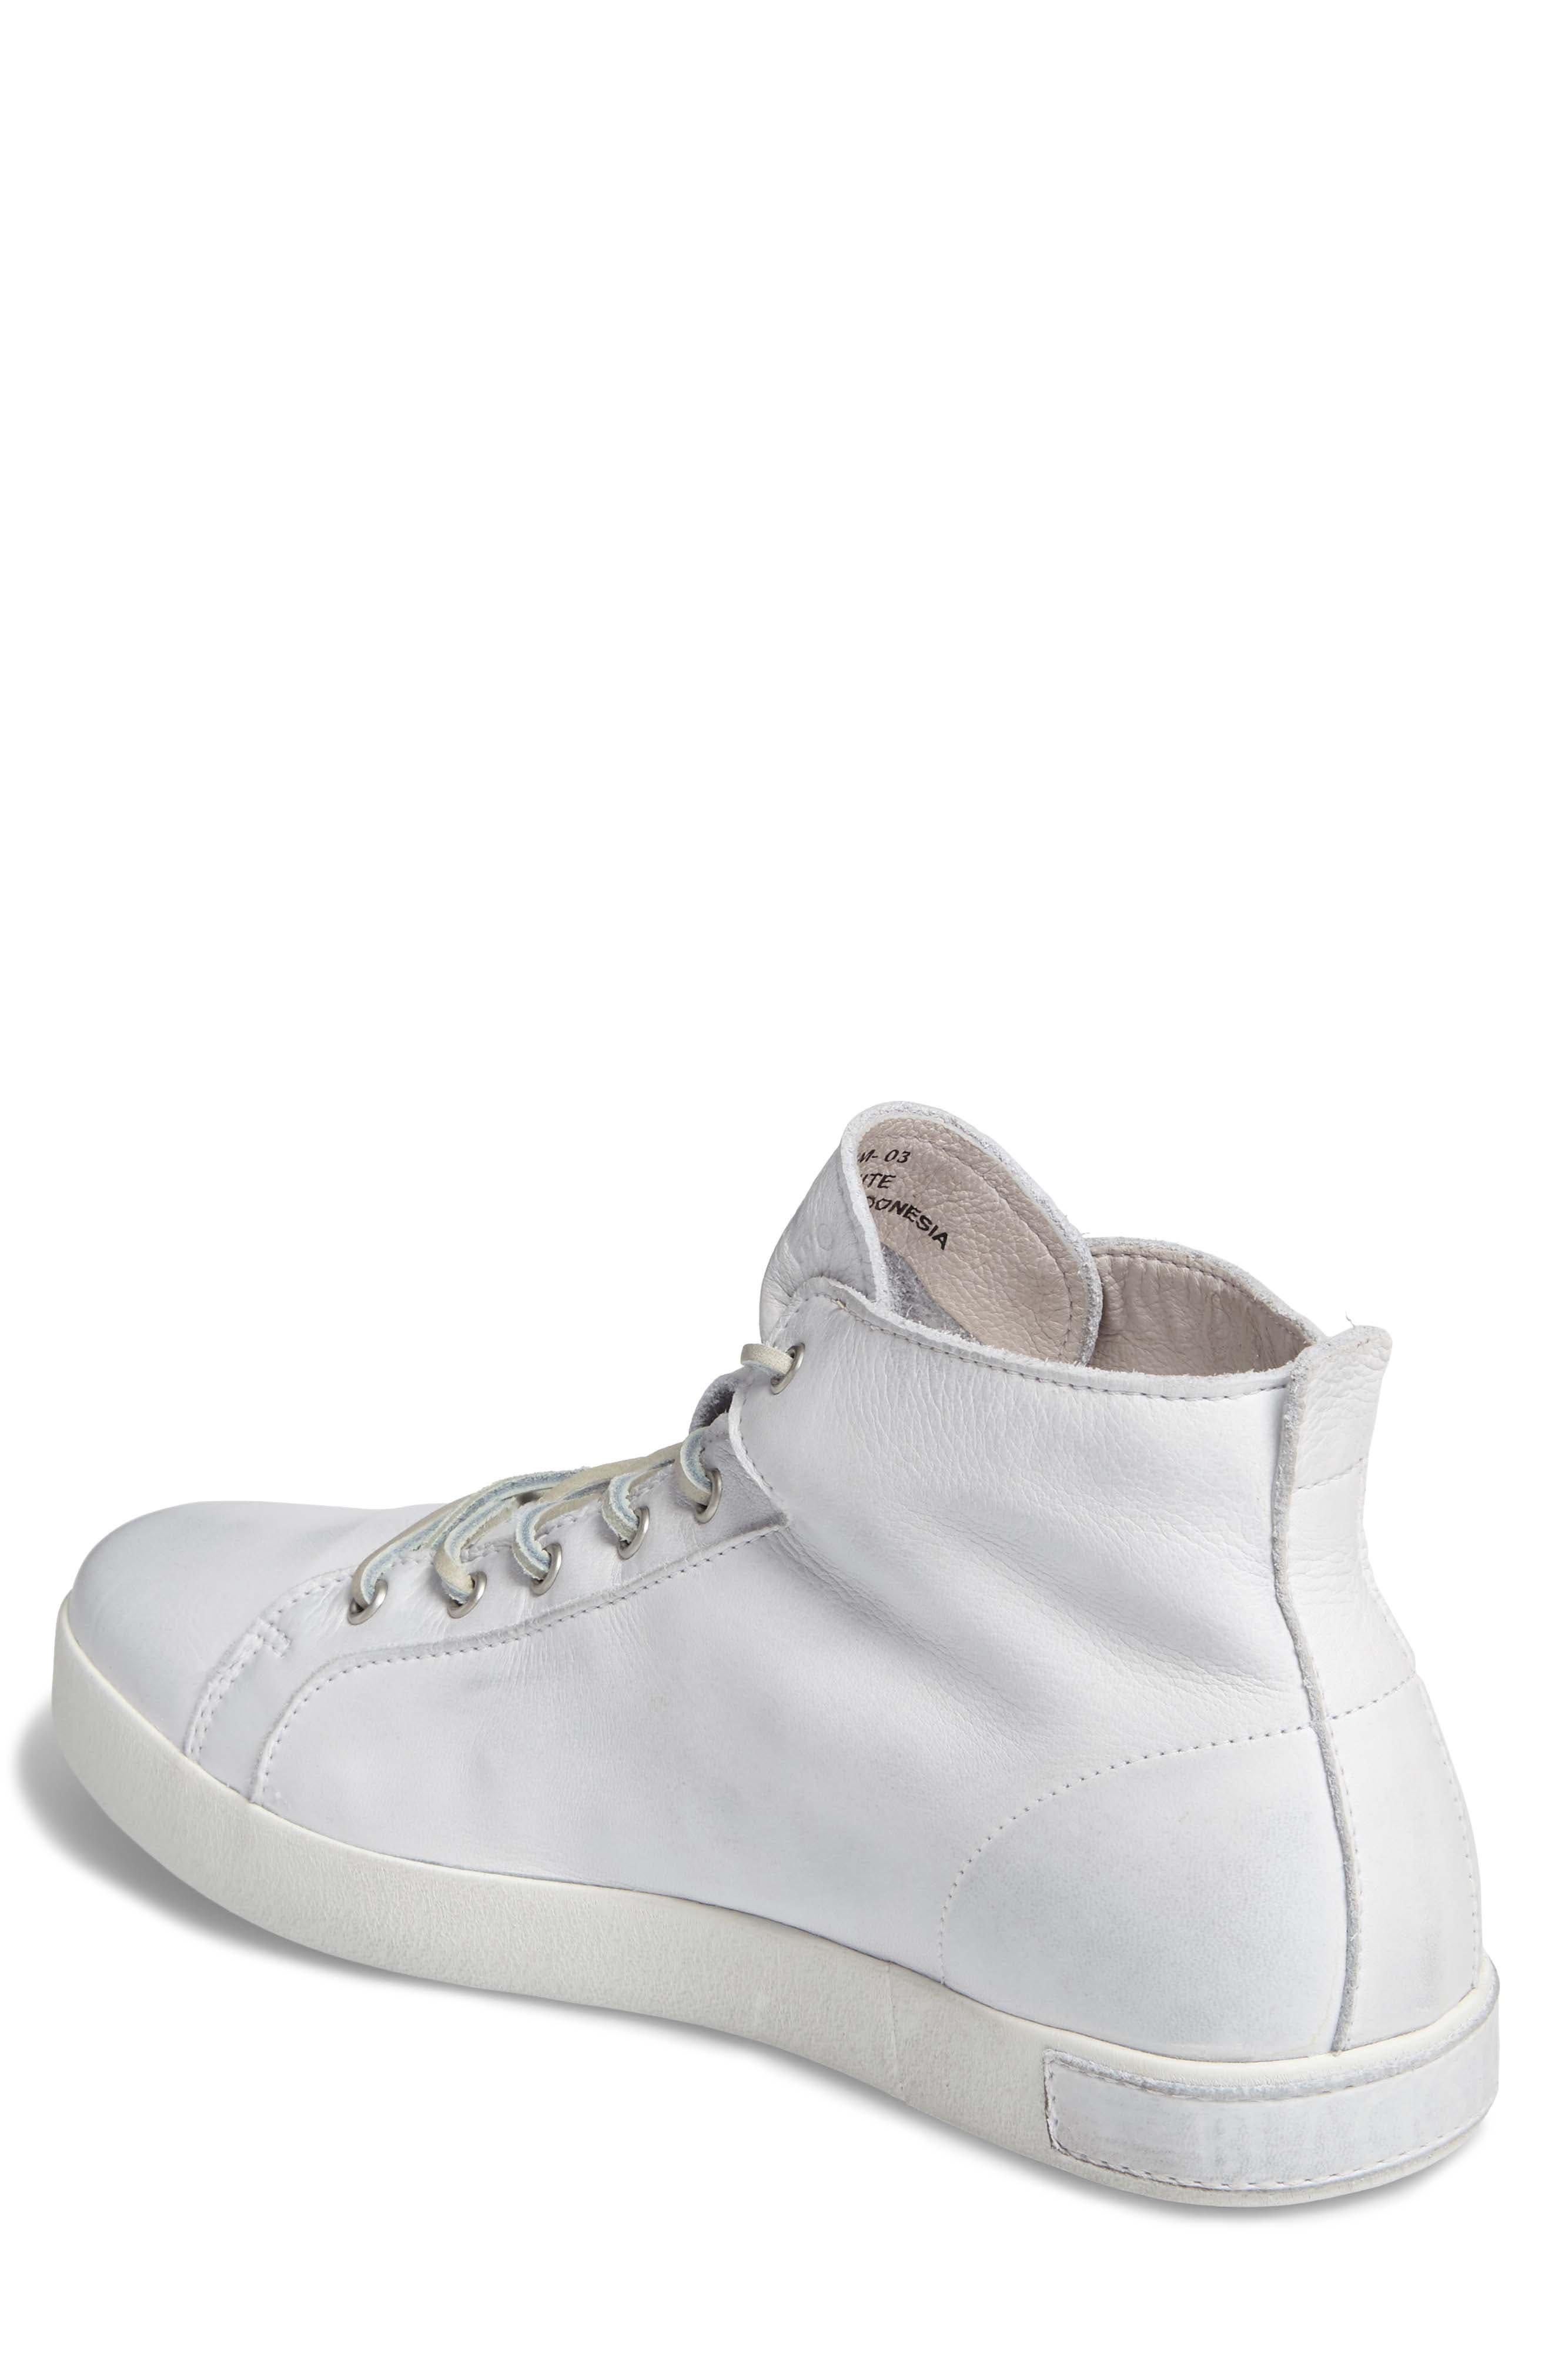 'JM03' Sneaker,                             Alternate thumbnail 2, color,                             White Leather